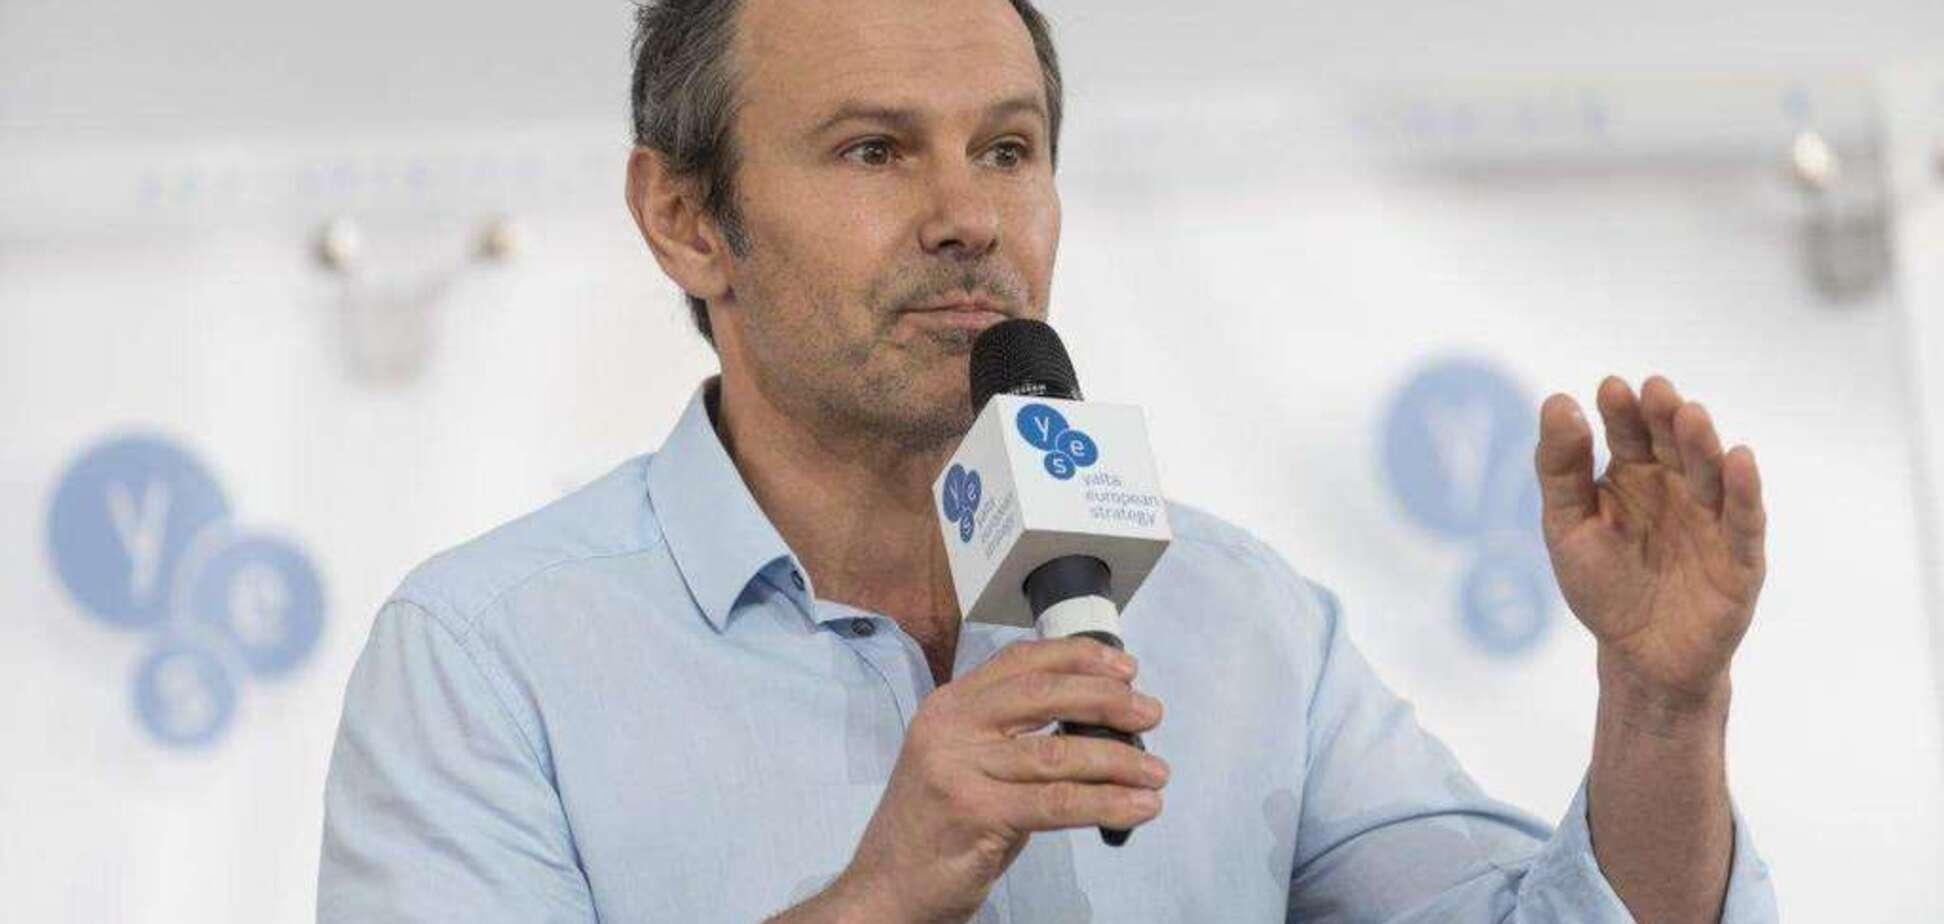 Вакарчук прийняв корисне для Гриценка рішення — соратник політика